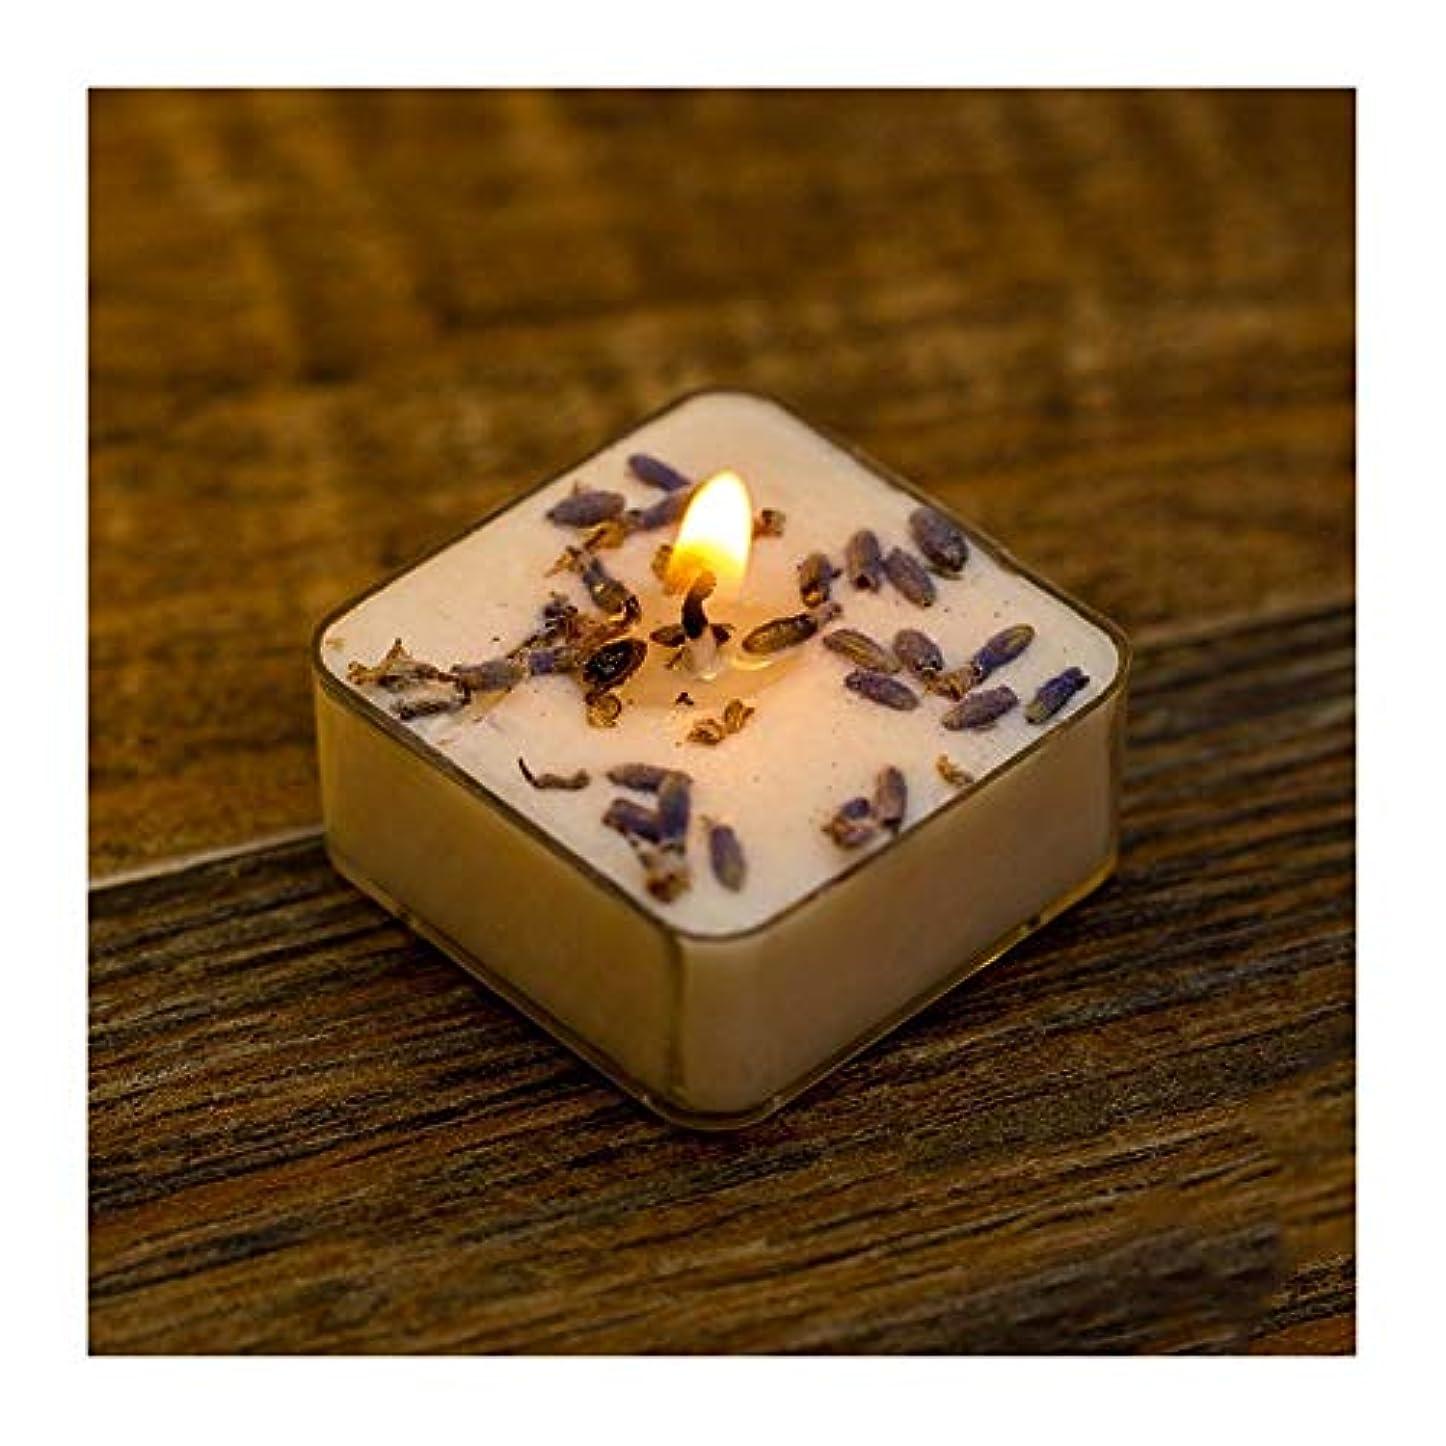 今日ワイド覚えているGuomao 無煙アロマキャンドル手作りのカスタムロマンチックな結婚誕生日の雰囲気のラベンダーフレーバーキャンドル (色 : Green tea)